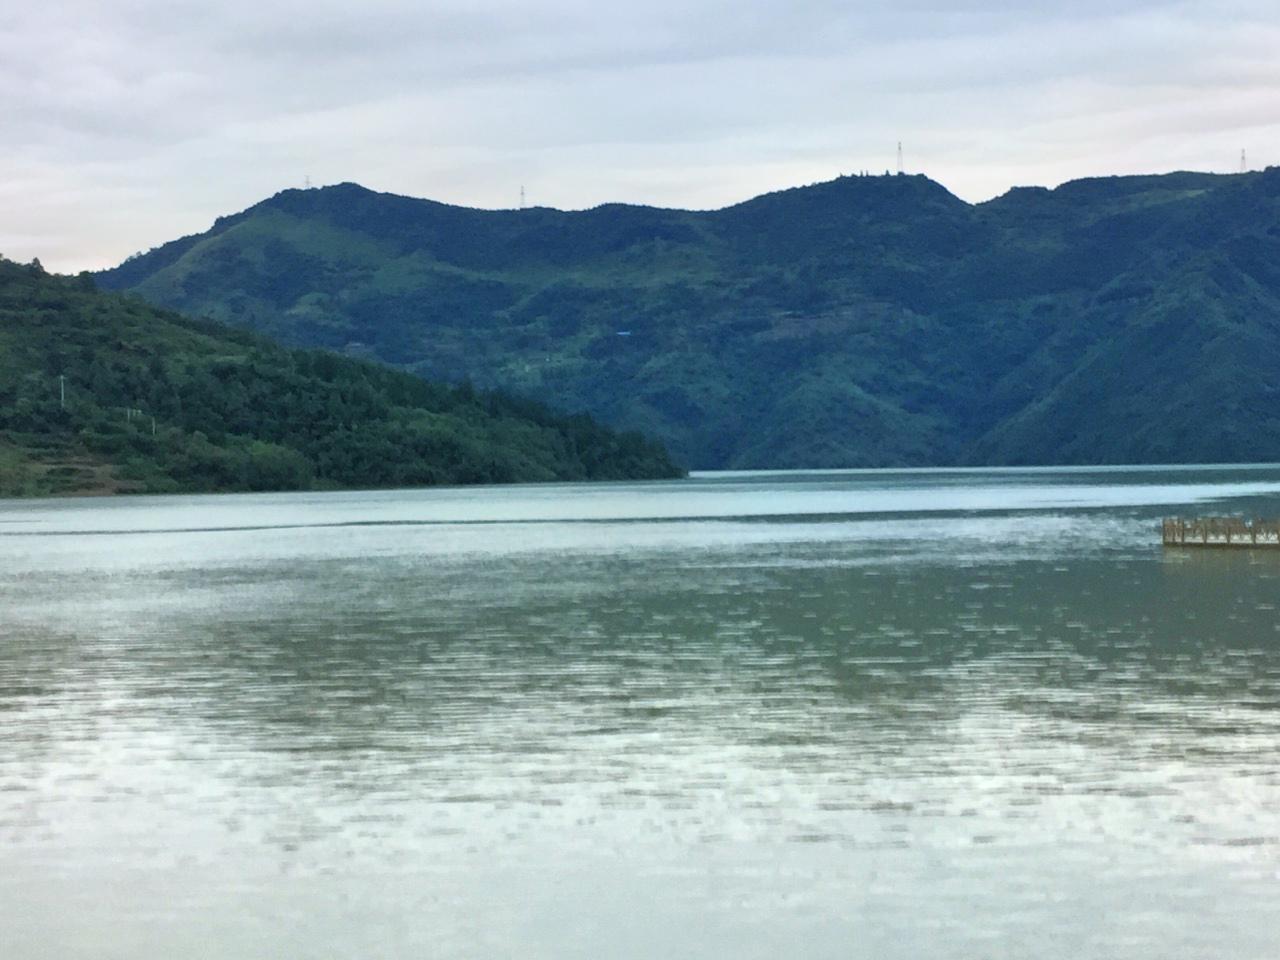 Shengshui Lake International Tourism Resort